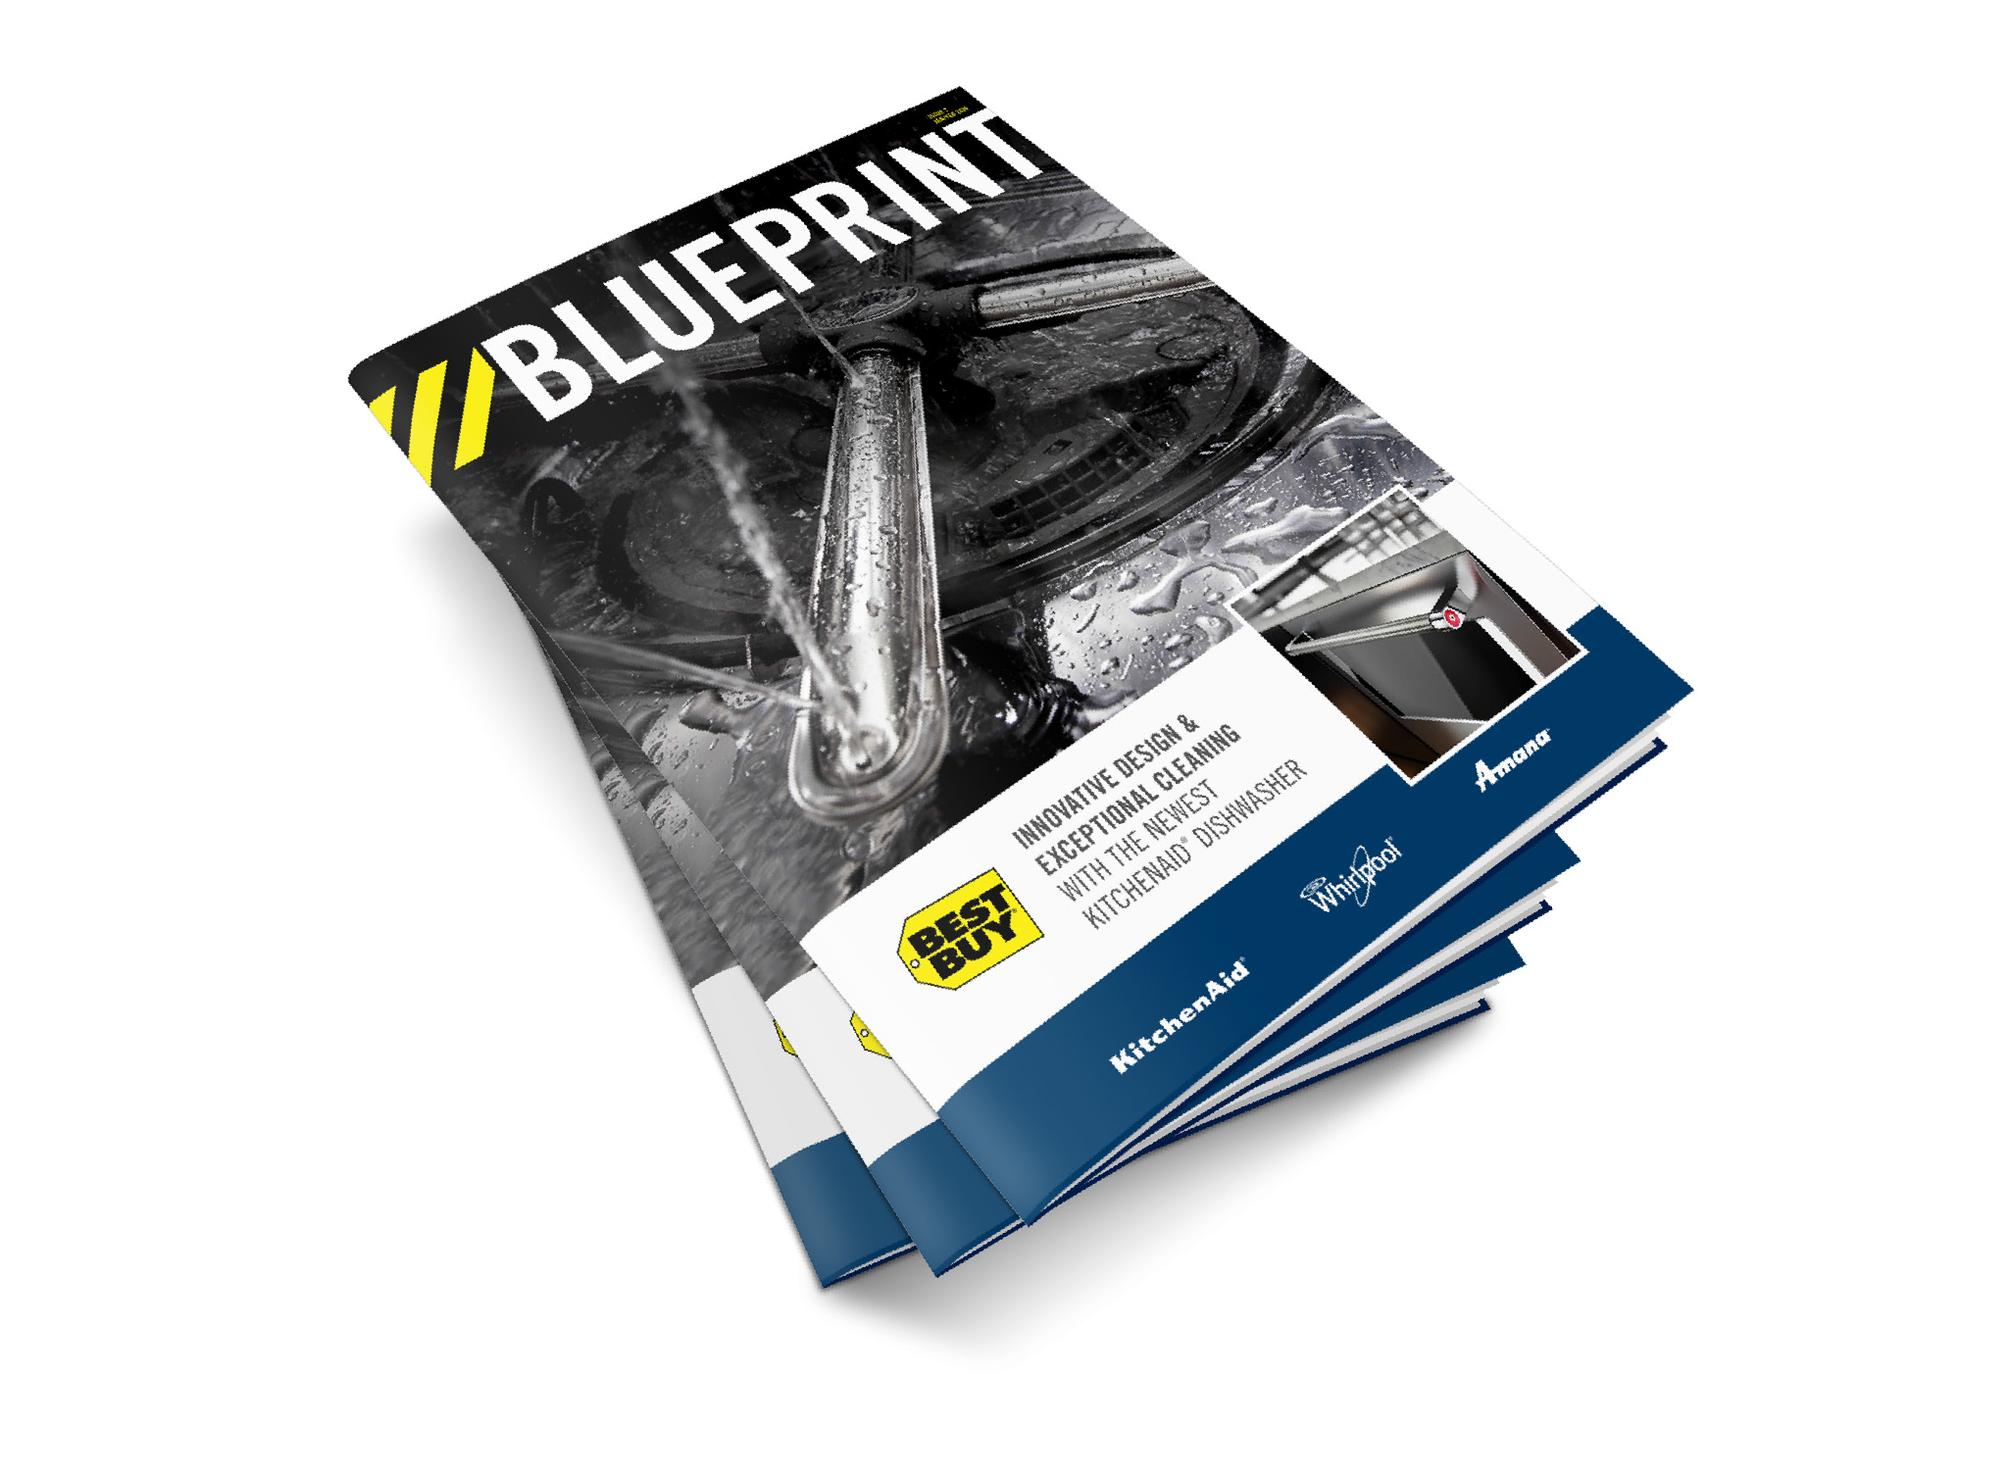 KEY-19285 2016 Winter Blueprint Publication_v29_noDRILLS-01.png